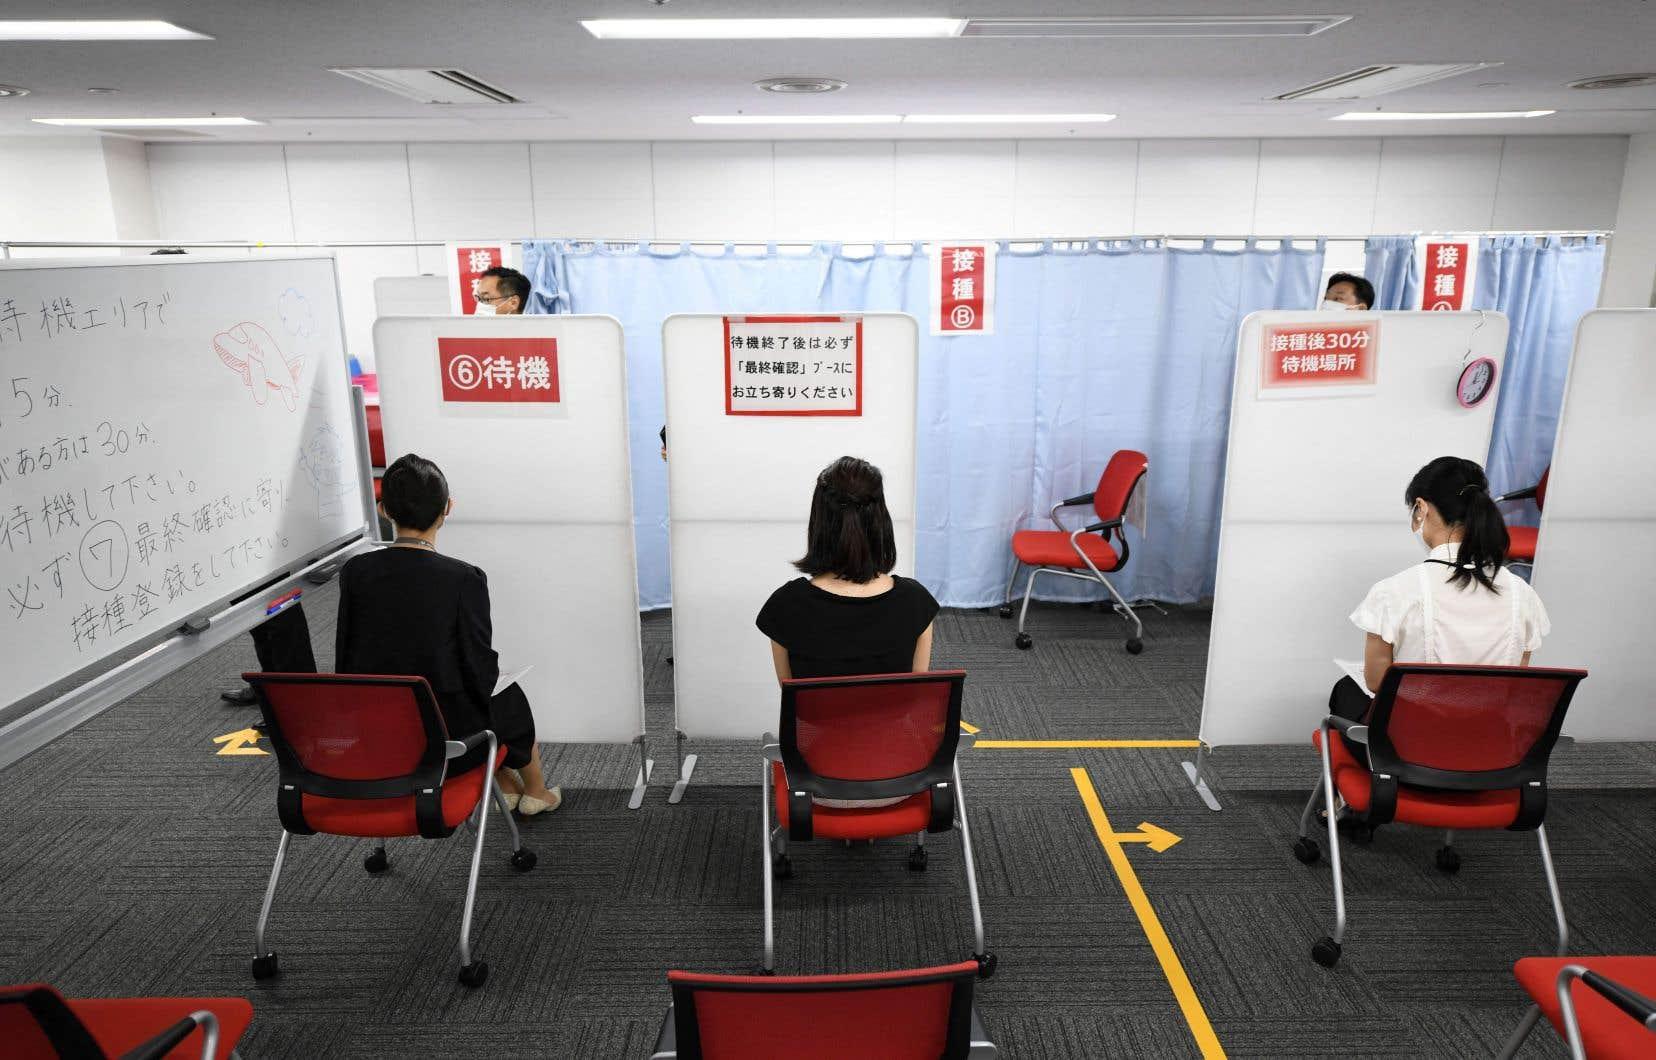 Des membres du personnel de cabine de Japan Airlines participent au premier jour de la campagne de vaccination en milieu de travail de la compagnie, à l'aéroport Haneda de Tokyo.